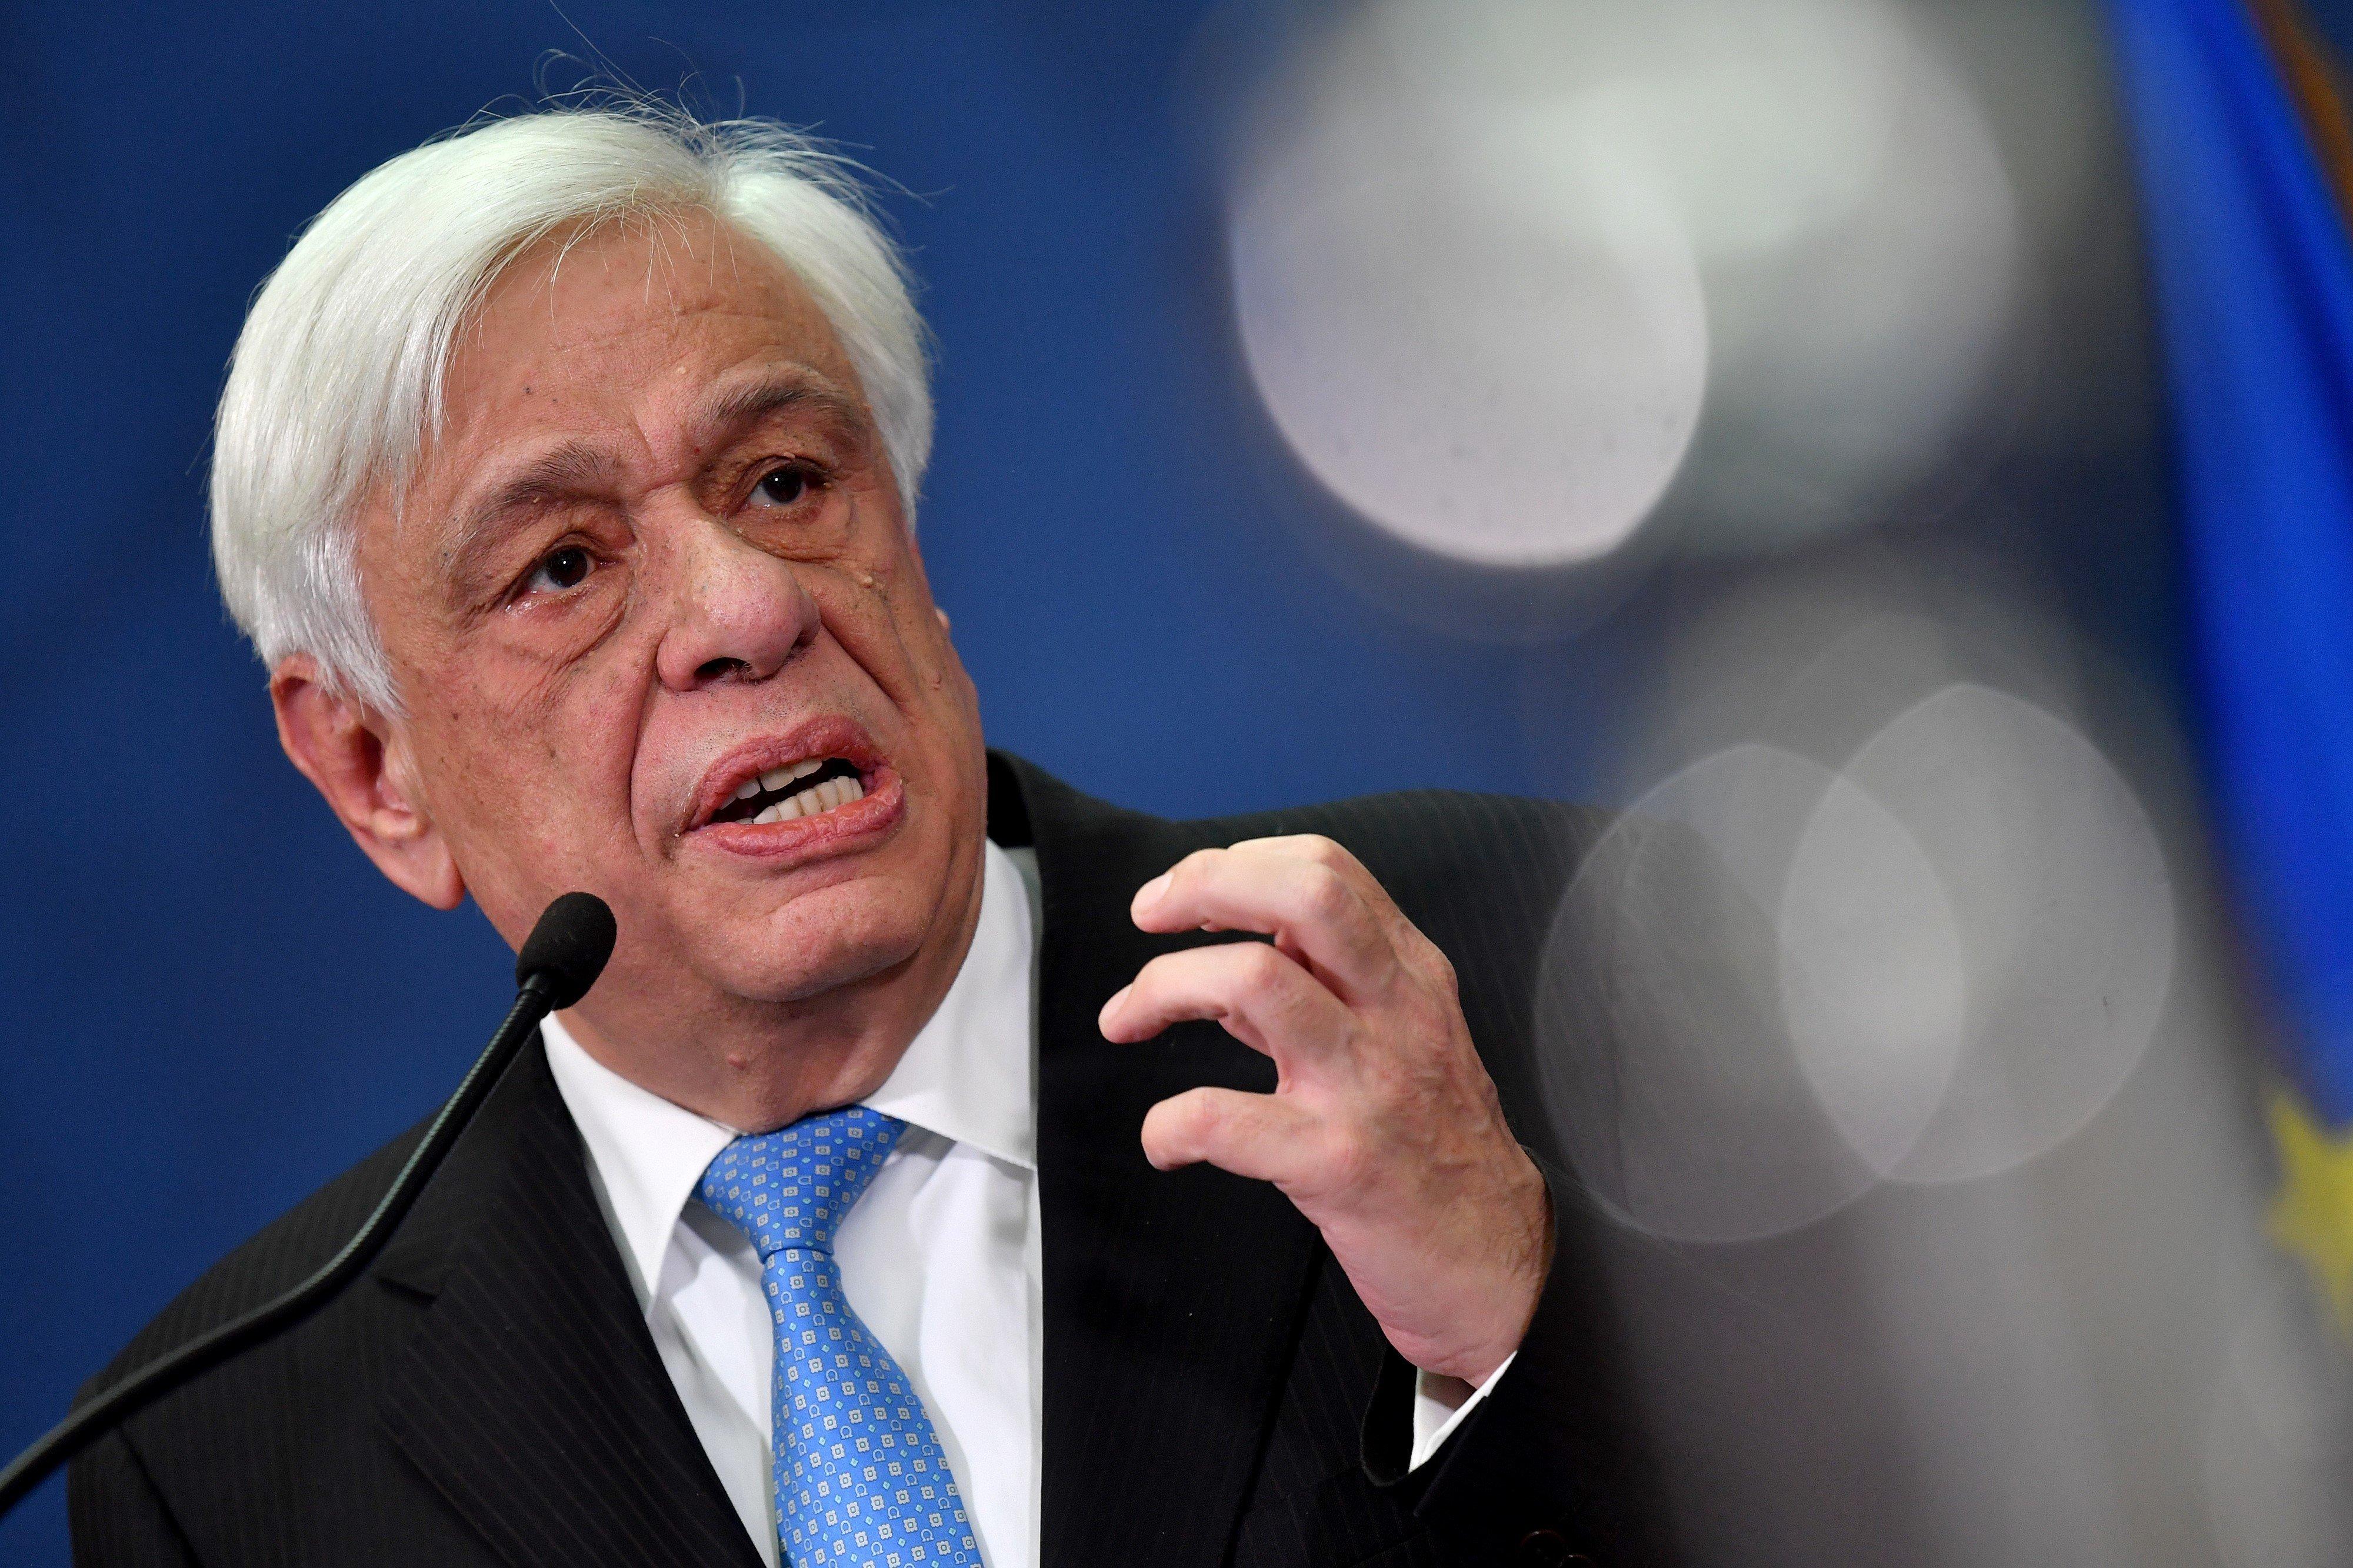 Παυλόπουλος: Σημαντικό βήμα για την περαιτέρω βελτίωση των διμερών σχέσεων η χορήγηση της αλβανικής ιθαγένειας στον Αρχιεπίσκ...